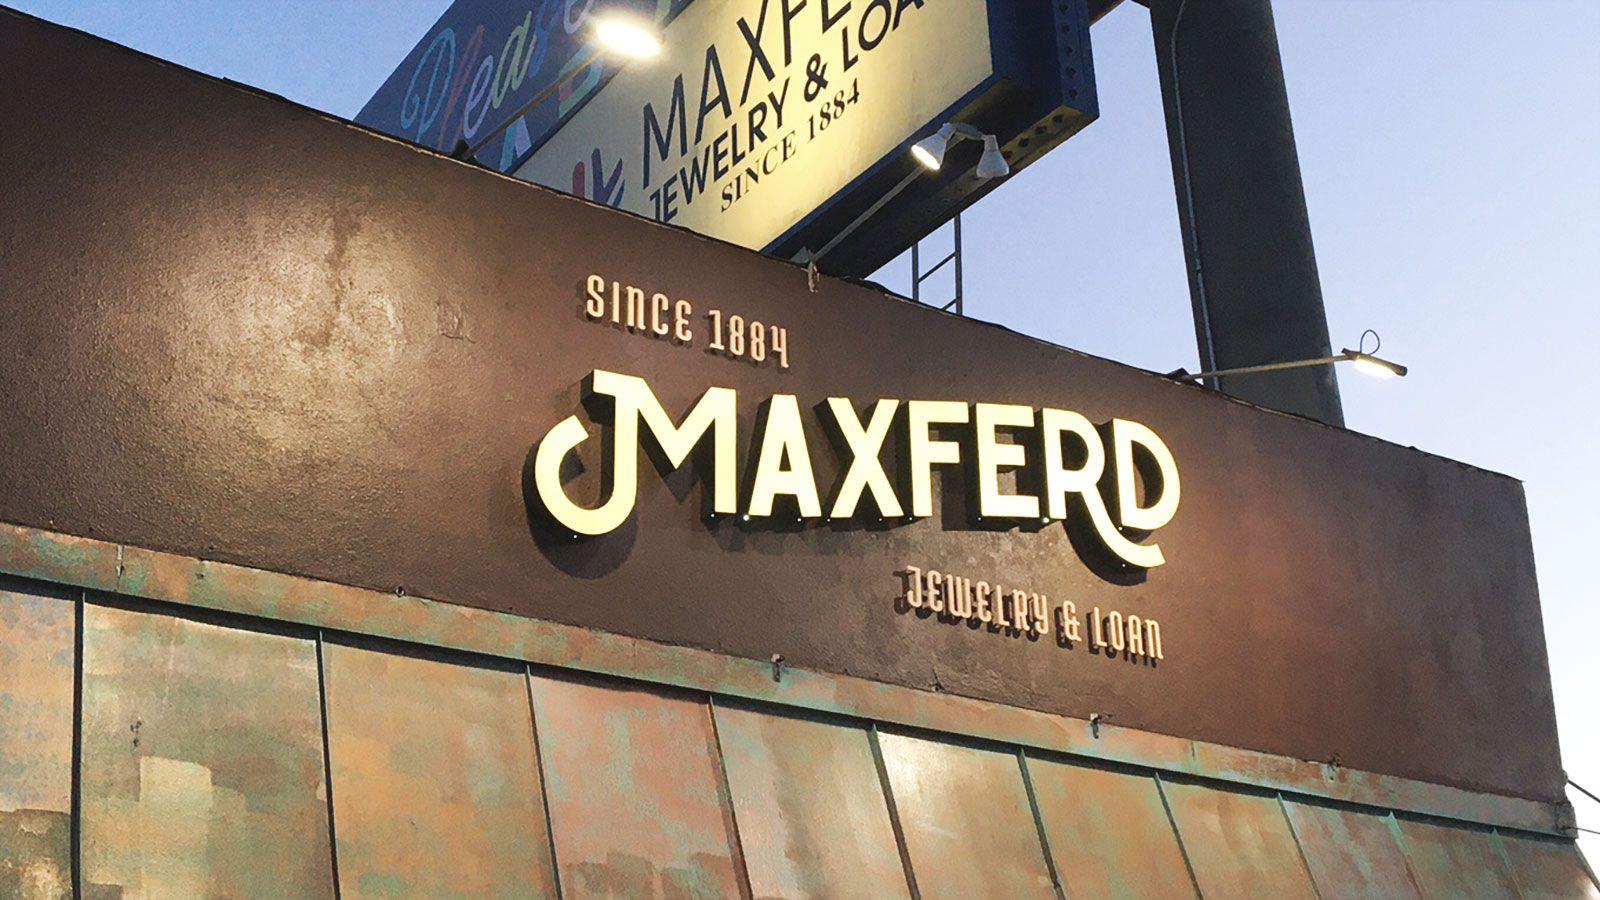 Maxferd channel letters